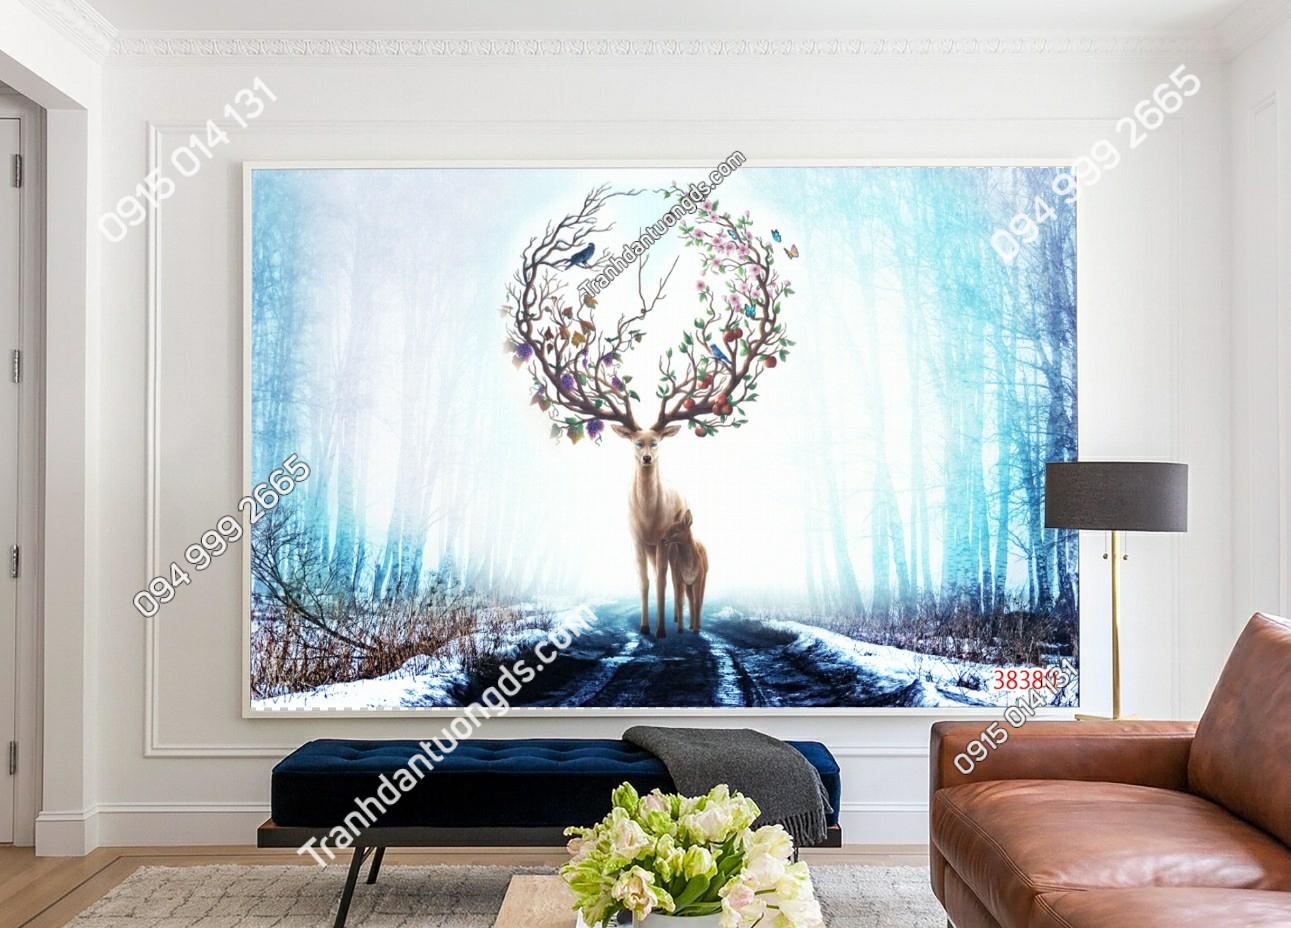 Tranh dán tường hươu rừng tuyết 38380 demo